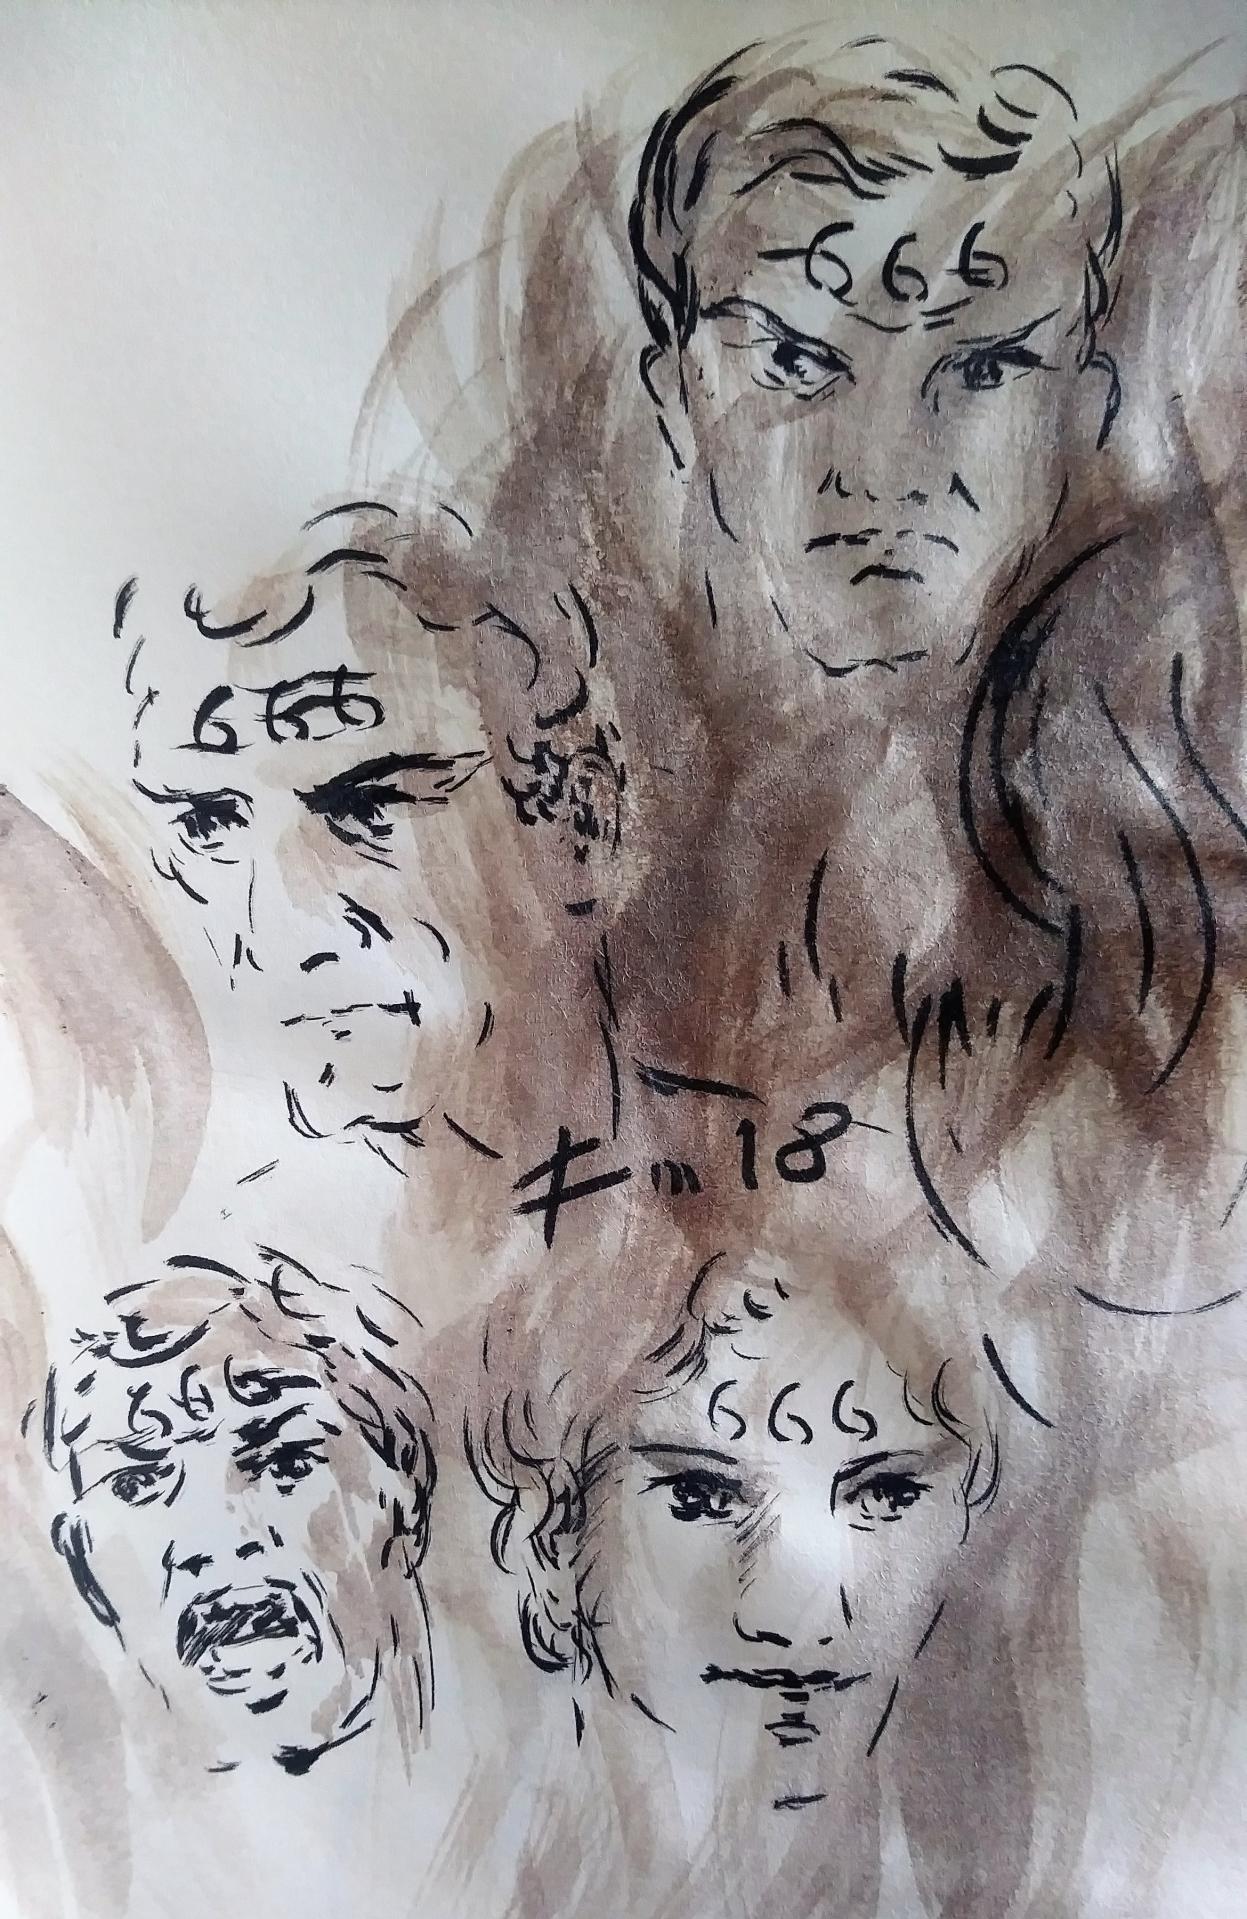 5 mai 2018 evangile du jour illustre par un dessin au lavis de jean joseph chevalier